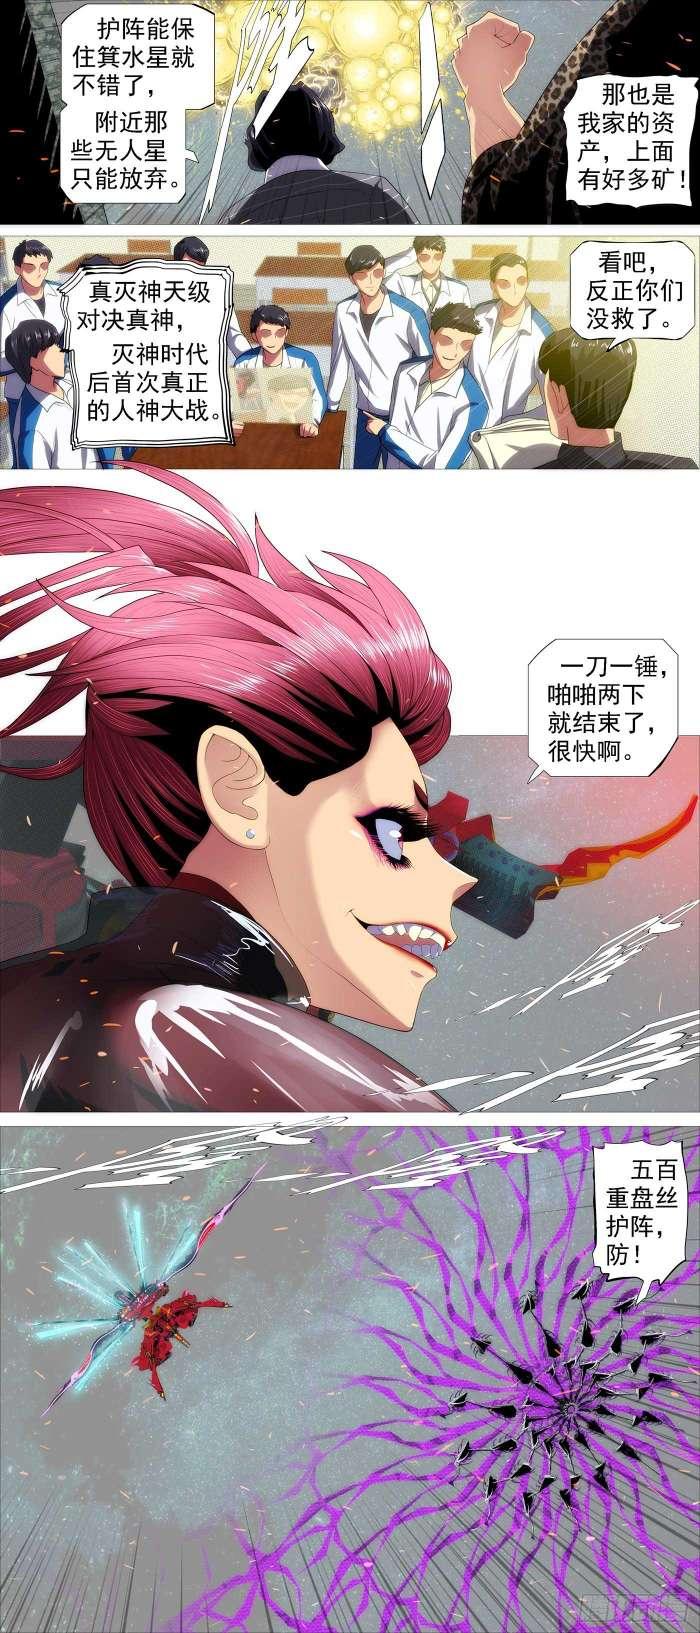 【漫画更新】《铁姬钢兵》总436~438话-小柚妹站